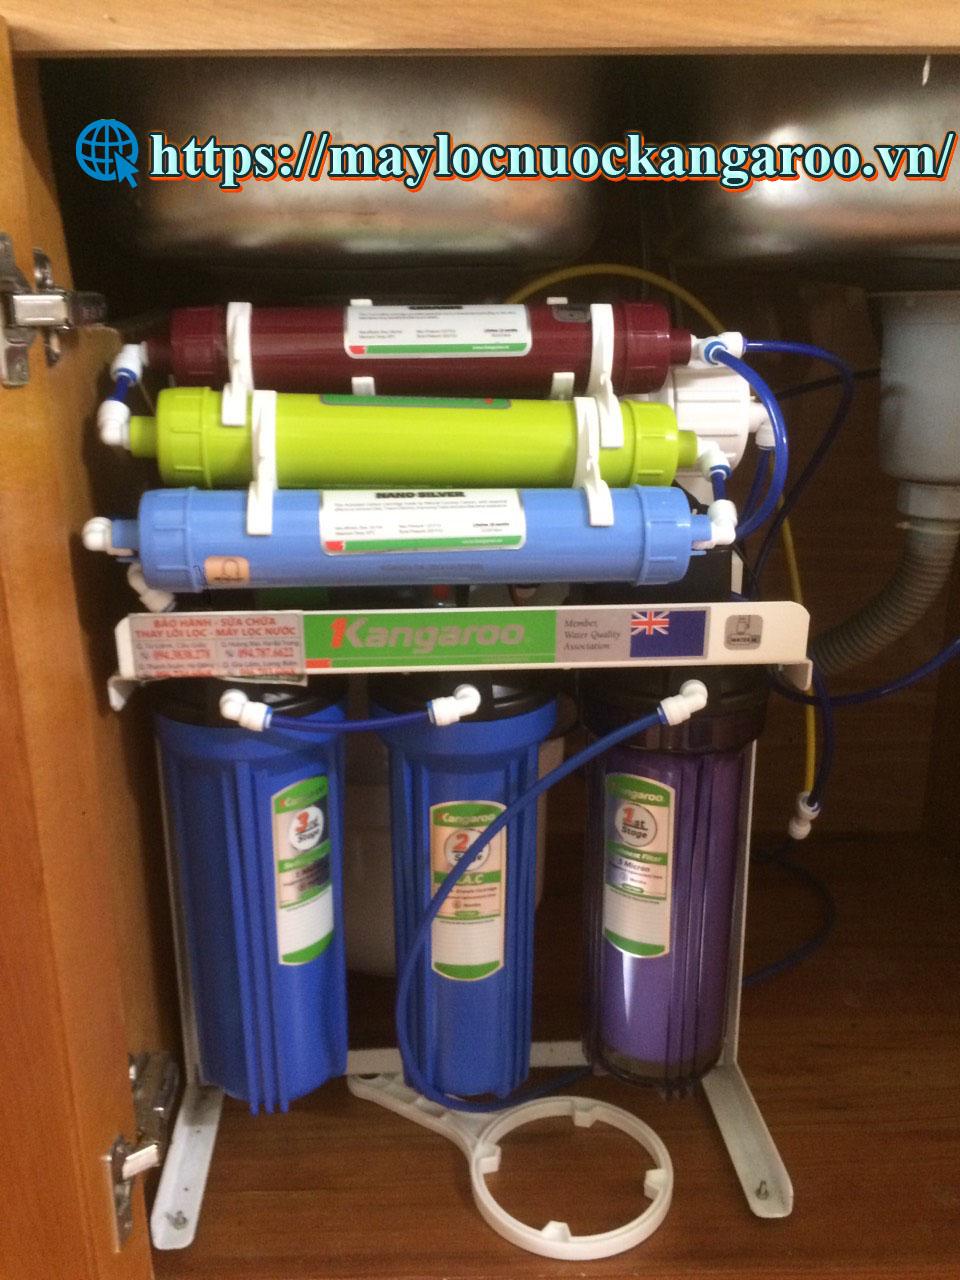 Hình ảnh máy lọc nước kangaroo Kg104 tại Khu đô thị Đặng Xá - Gia Lâm